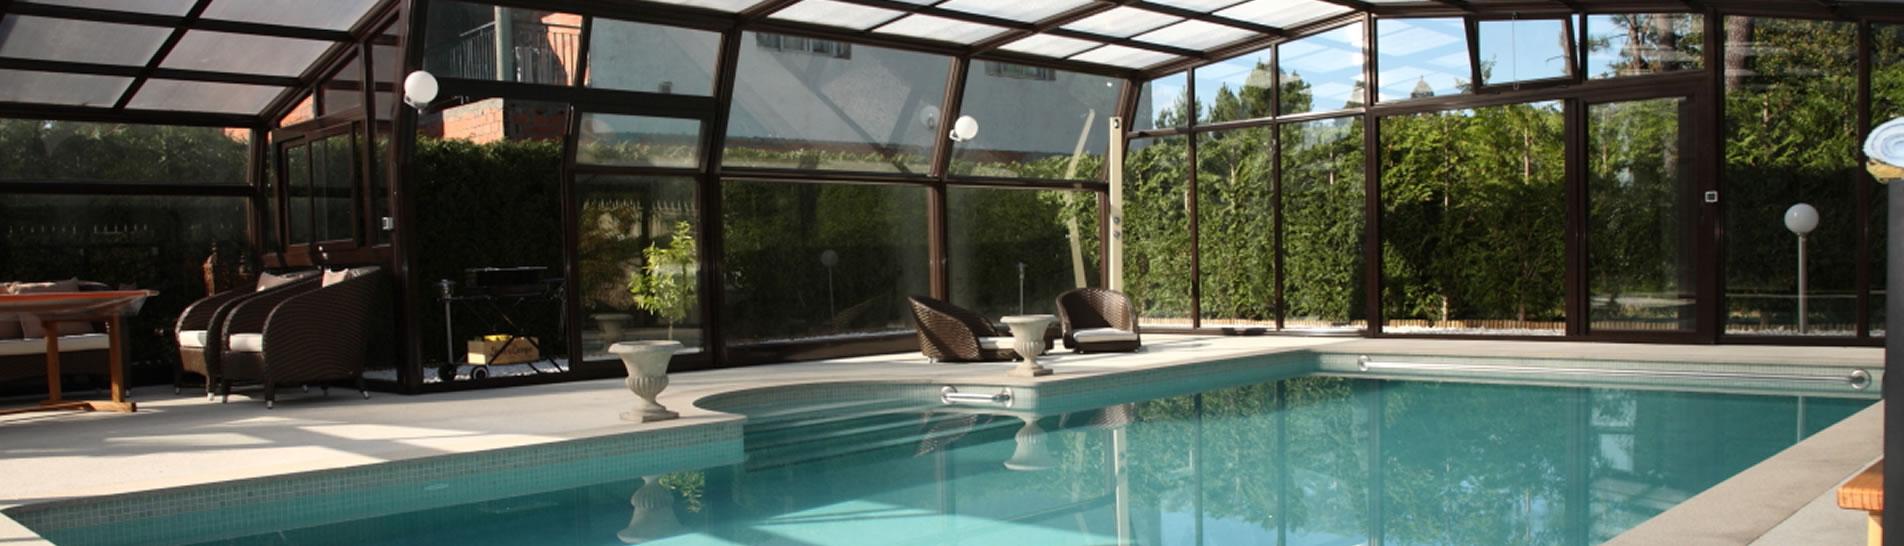 piscinasjoseramon_construciones-deportivas-jose-ramon-slide